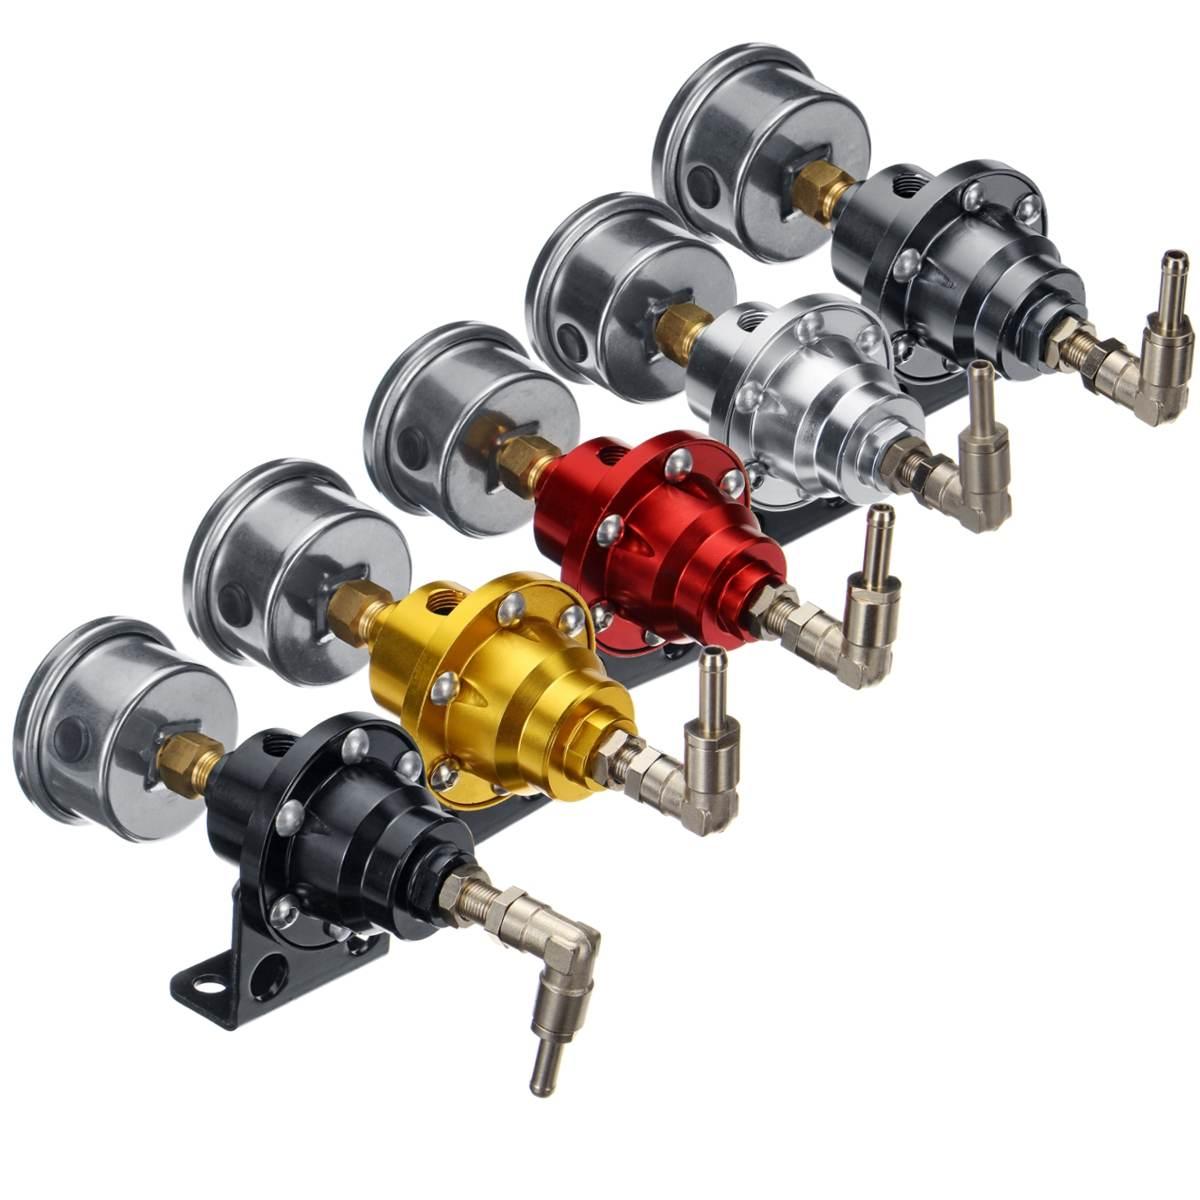 أسود التيتانيوم الأحمر الذهب والفضة الأزرق العالمي قابل للتعديل الألومنيوم منظم ضغط الوقود مع مجموعة قياس 6 color